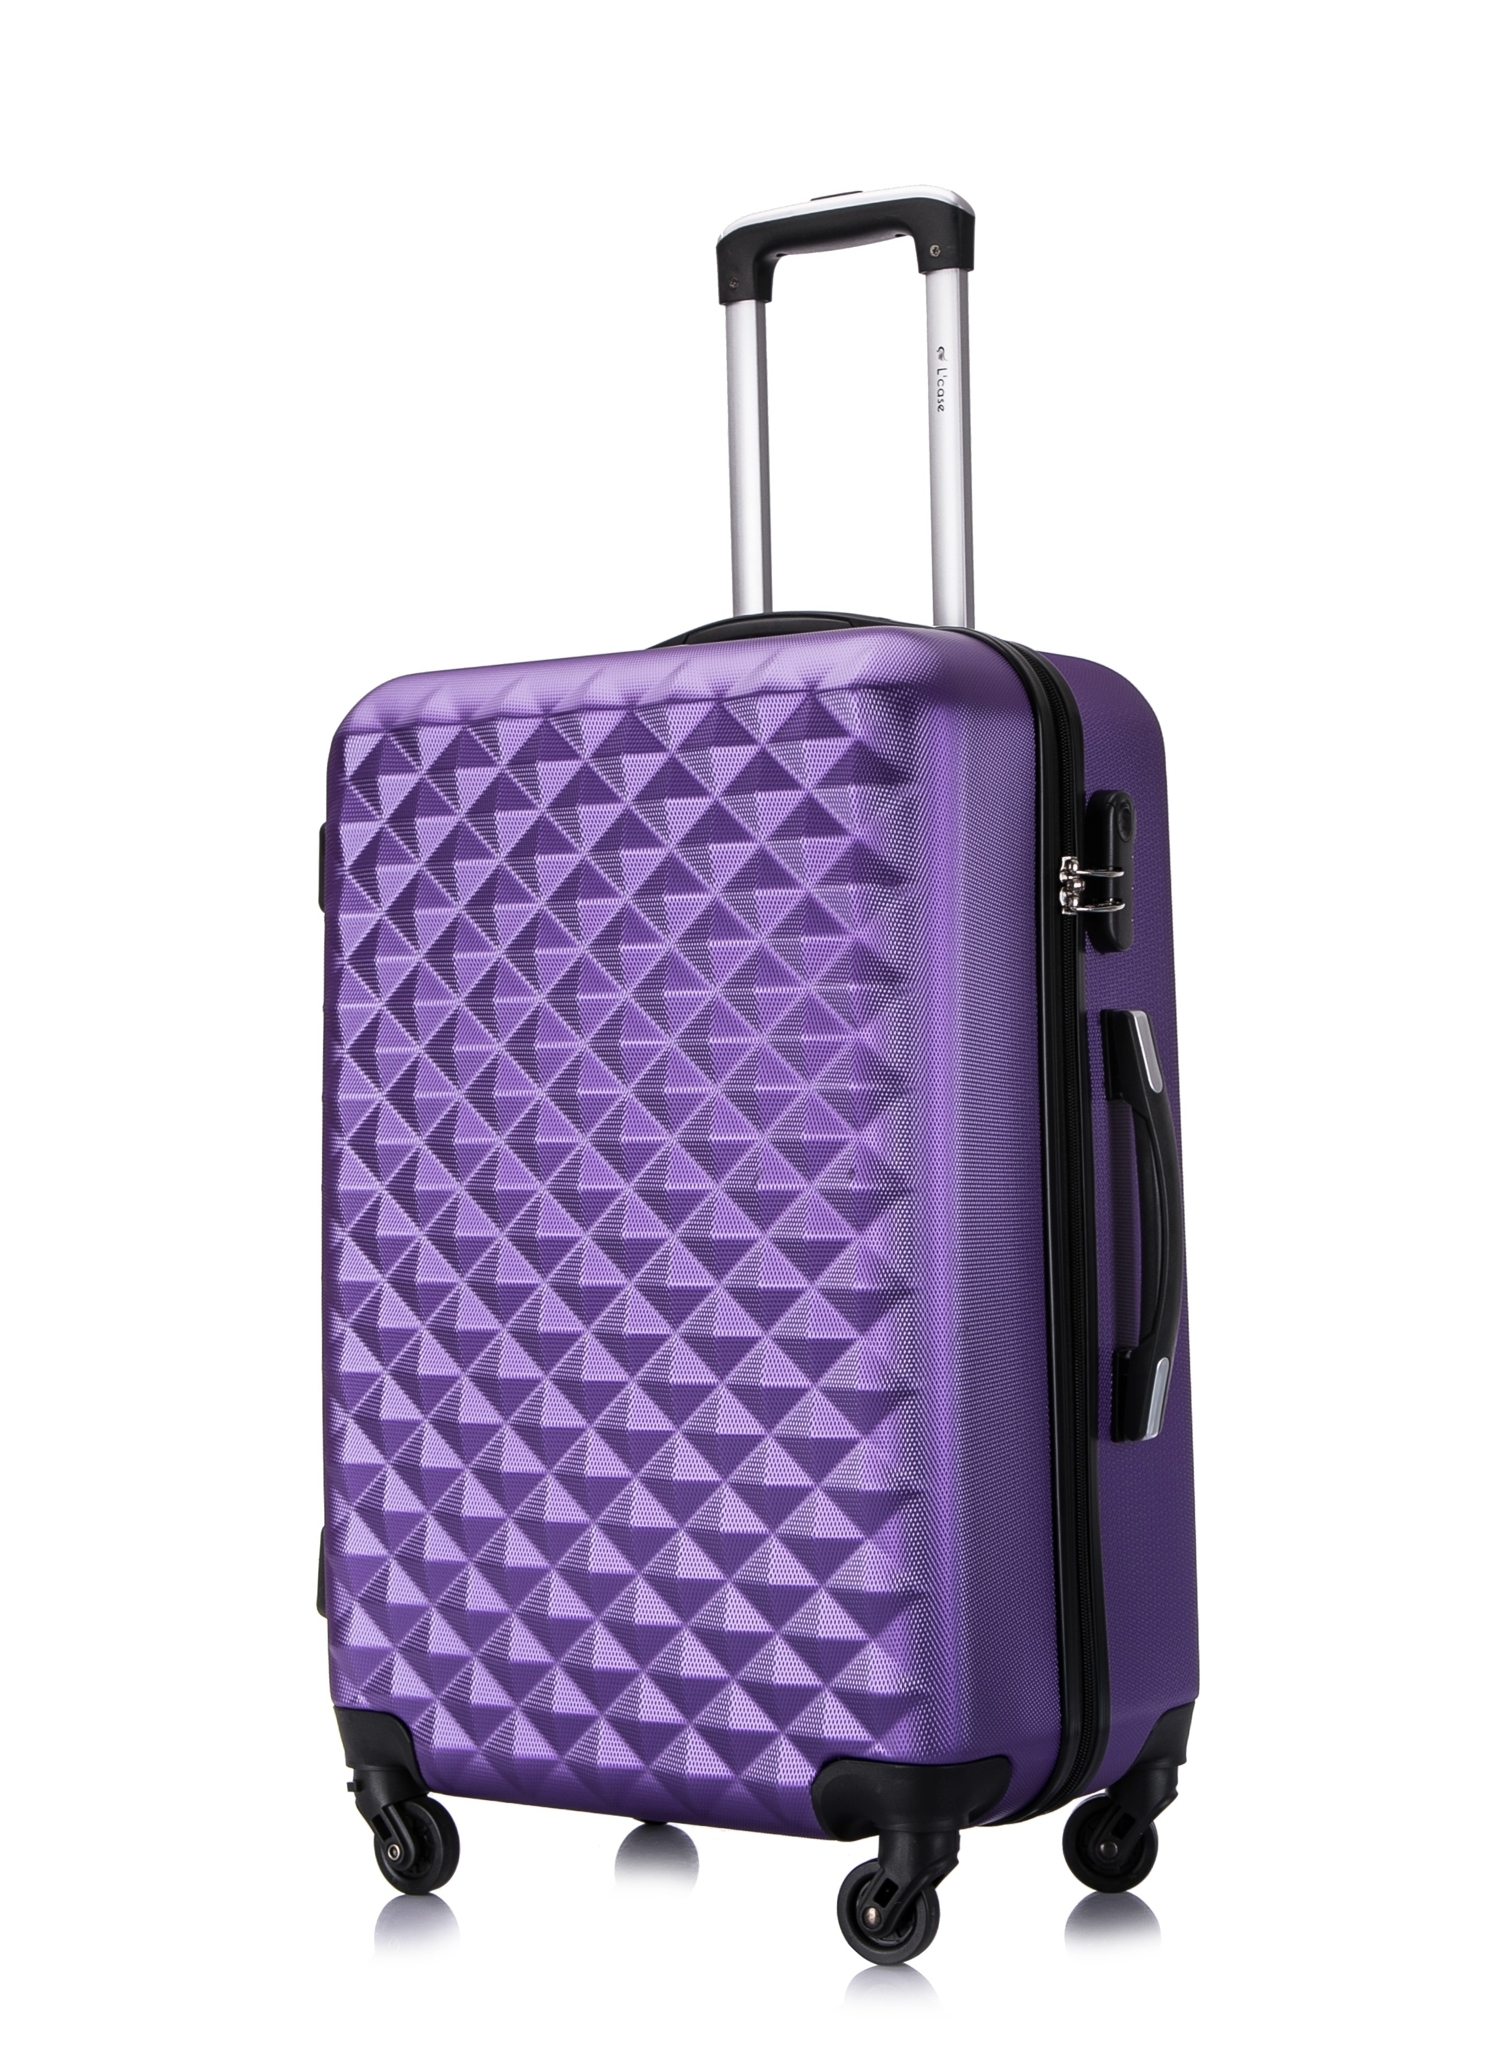 Чемодан со съемными колесами L'case Phatthaya-24 Фиолетовый (M)